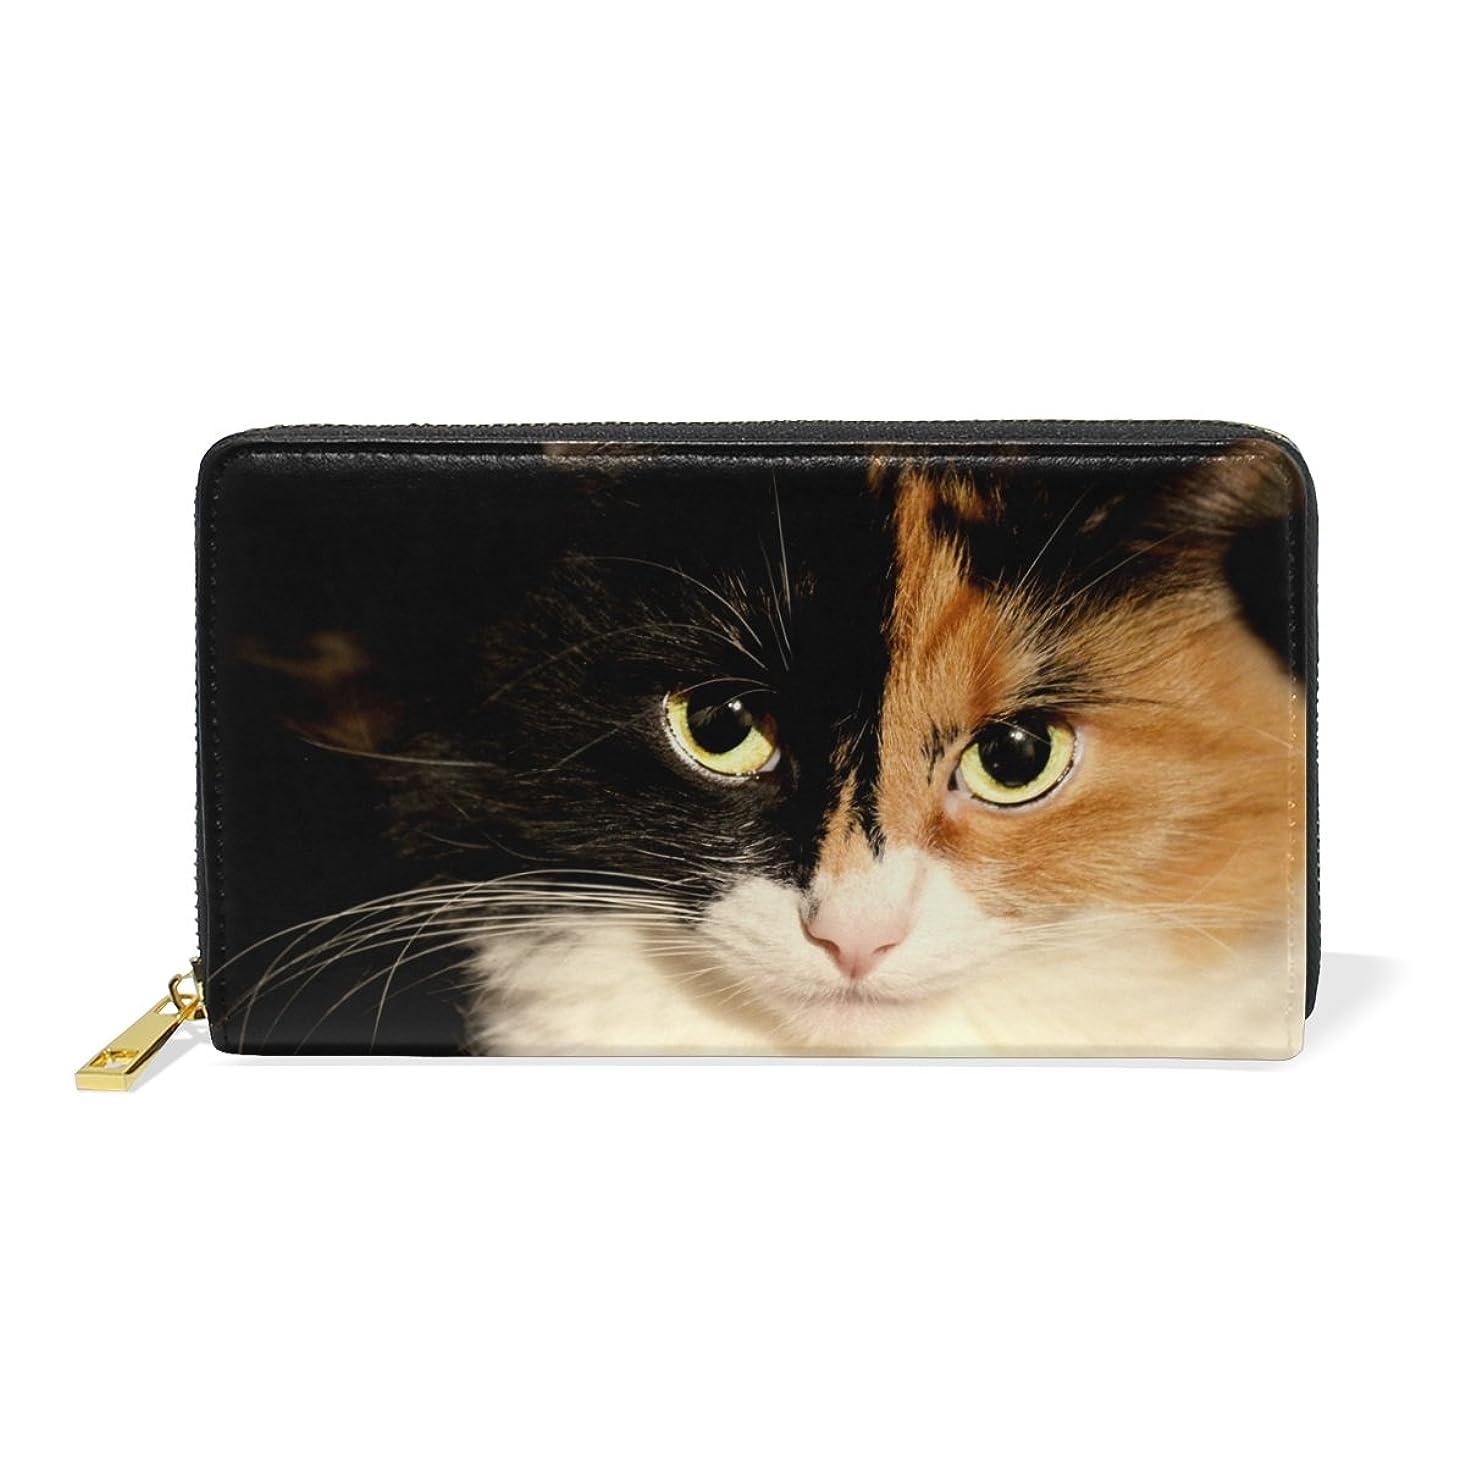 口ひげ被害者ミシン目AOMOKI ラウンドファスナー 財布 長財布 大容量 本革 可愛い猫